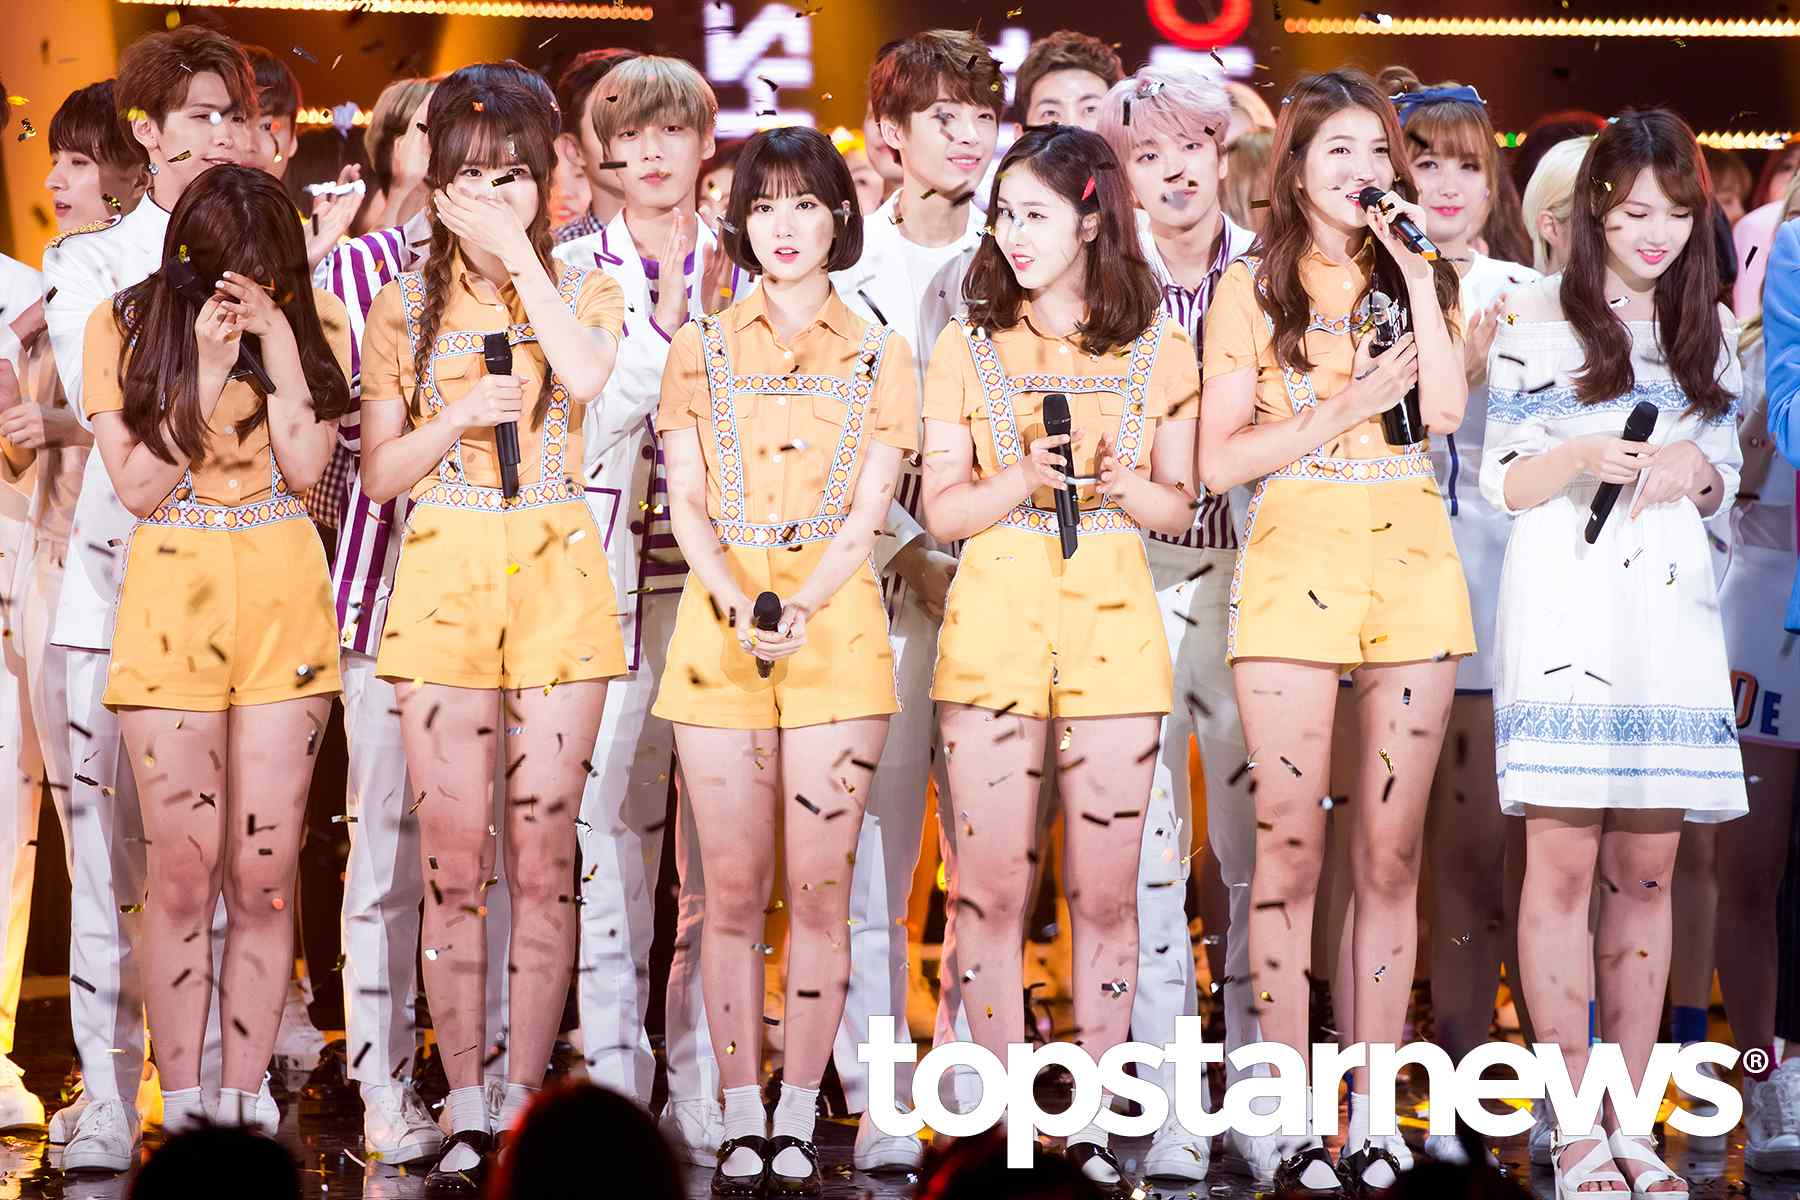 但是站在成員之中,纖瘦的身材總是特別容易讓人注意到 (是Sowon太瘦了QQ~成員沒有很胖拉)